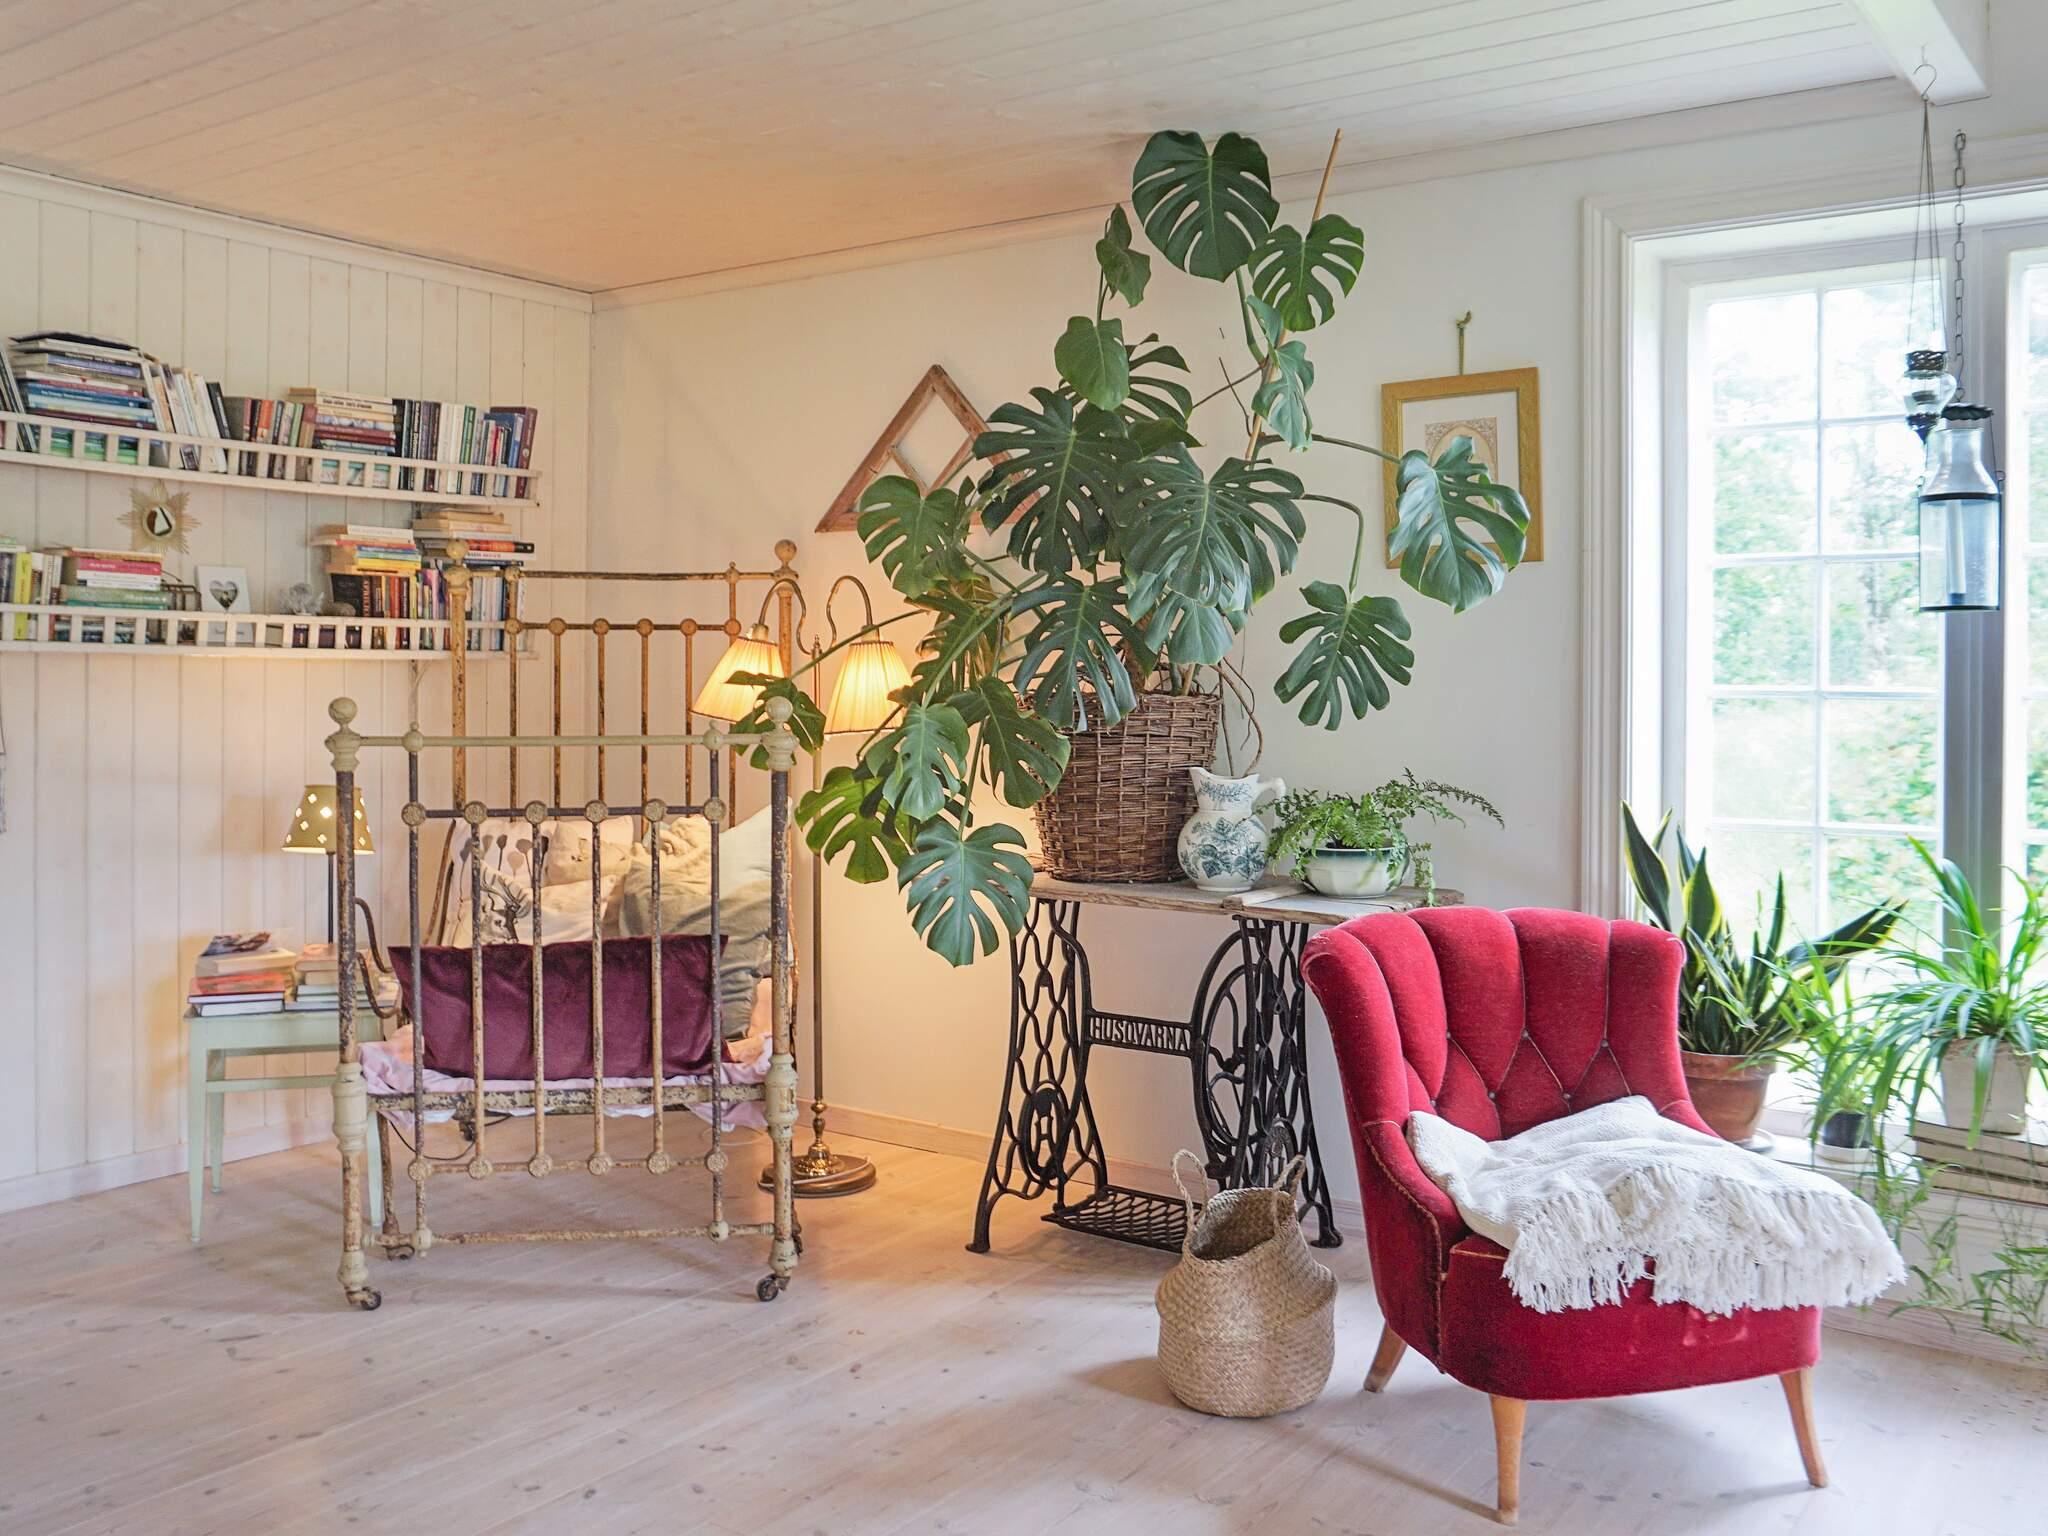 Ferienhaus Munkedal (2644651), Munkedal, Västra Götaland län, Westschweden, Schweden, Bild 7